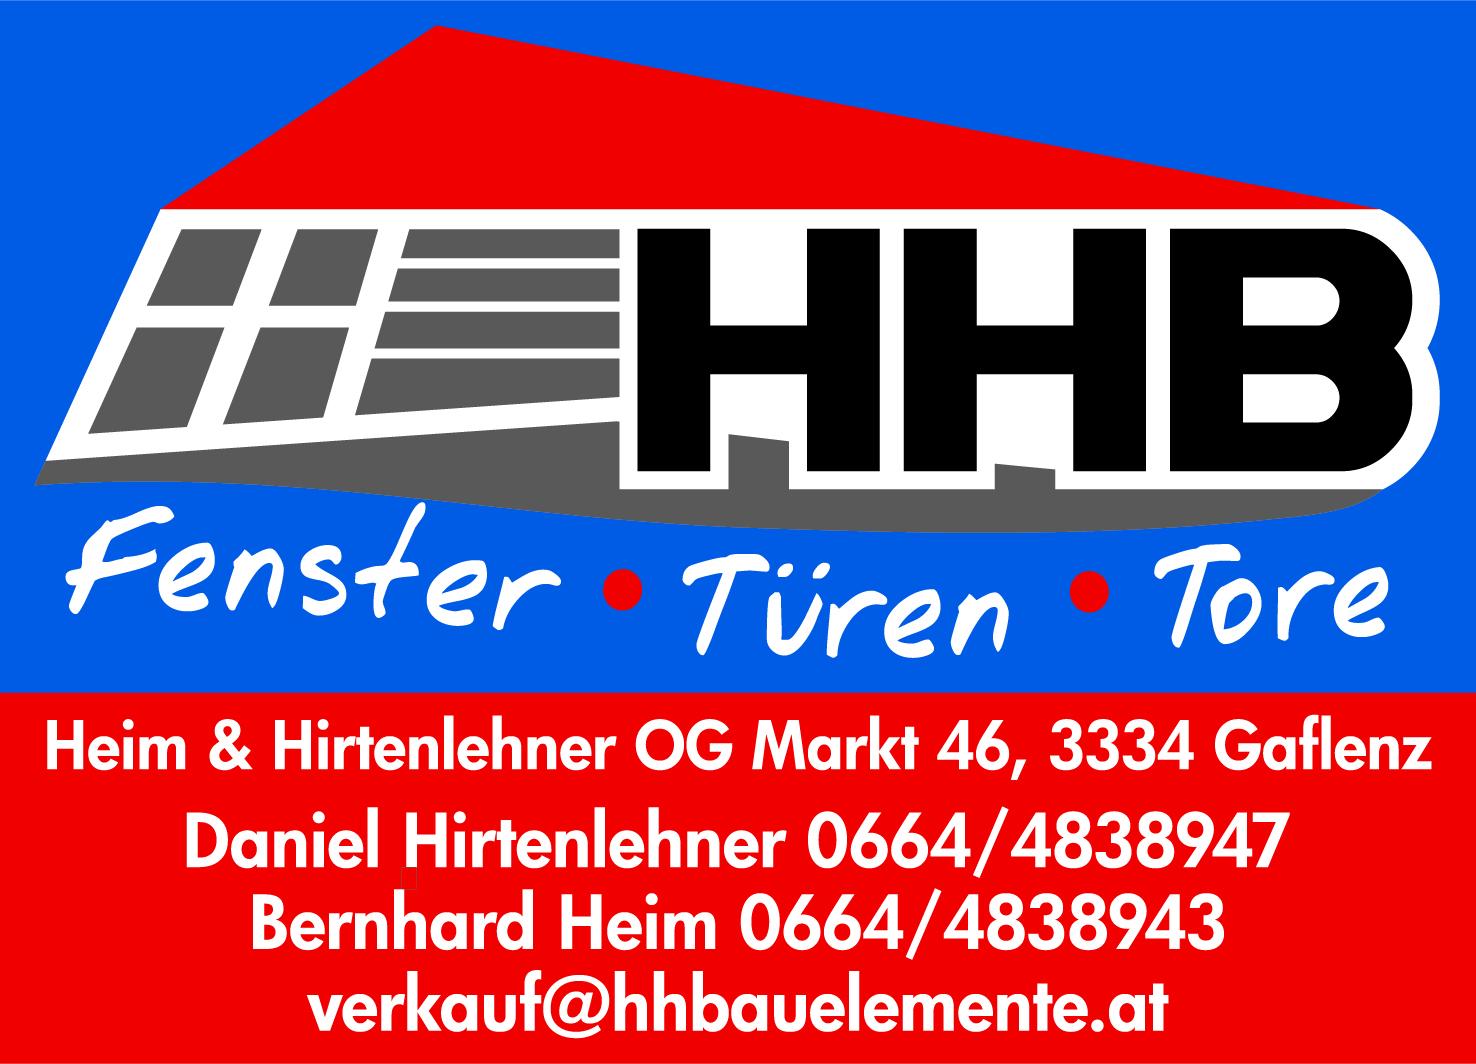 HHB Heim & Hirtenlehner GmbH